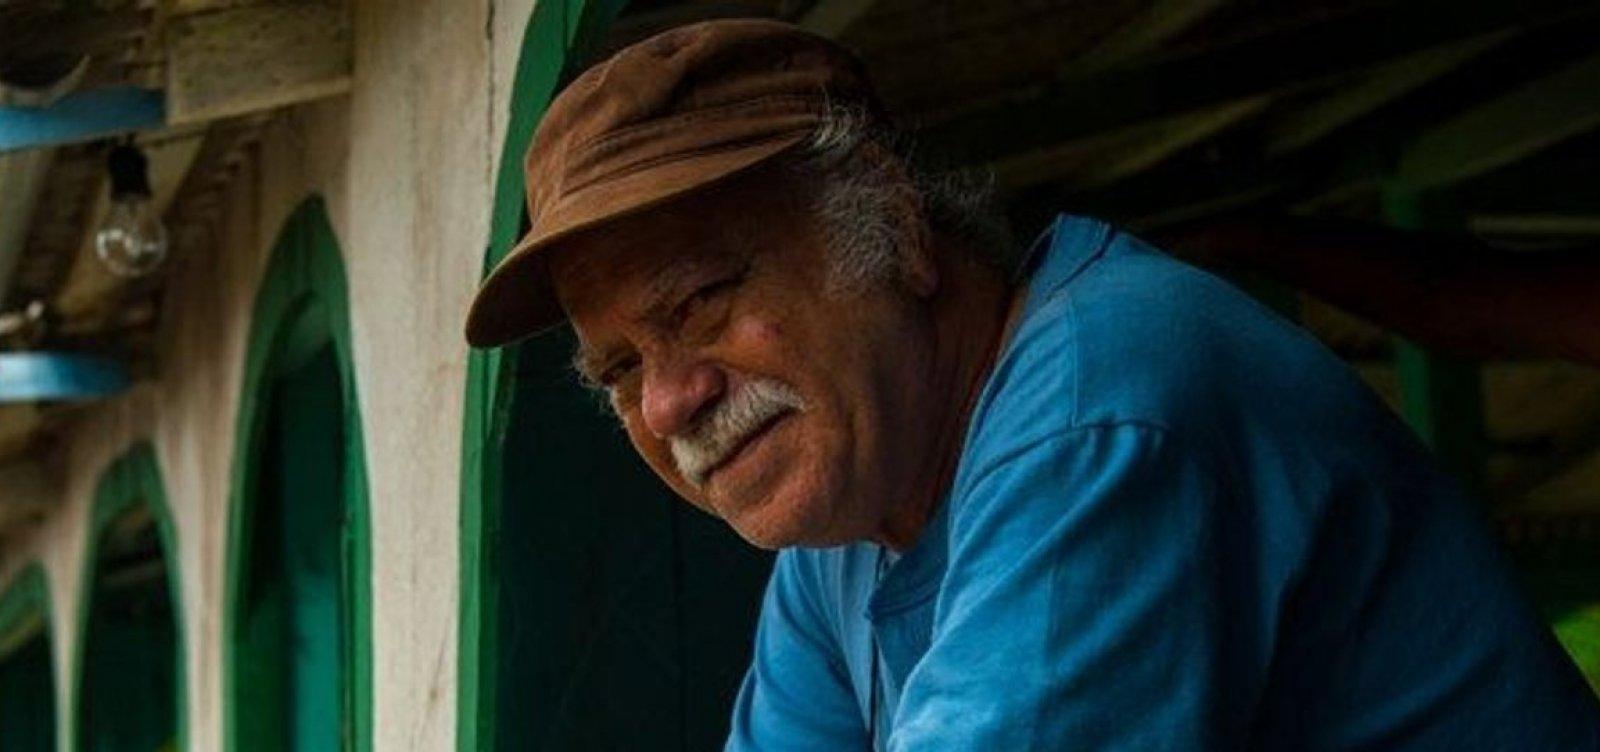 [Tonico Pereira diz receber ameaças de morte após criticar o presidente Bolsonaro]